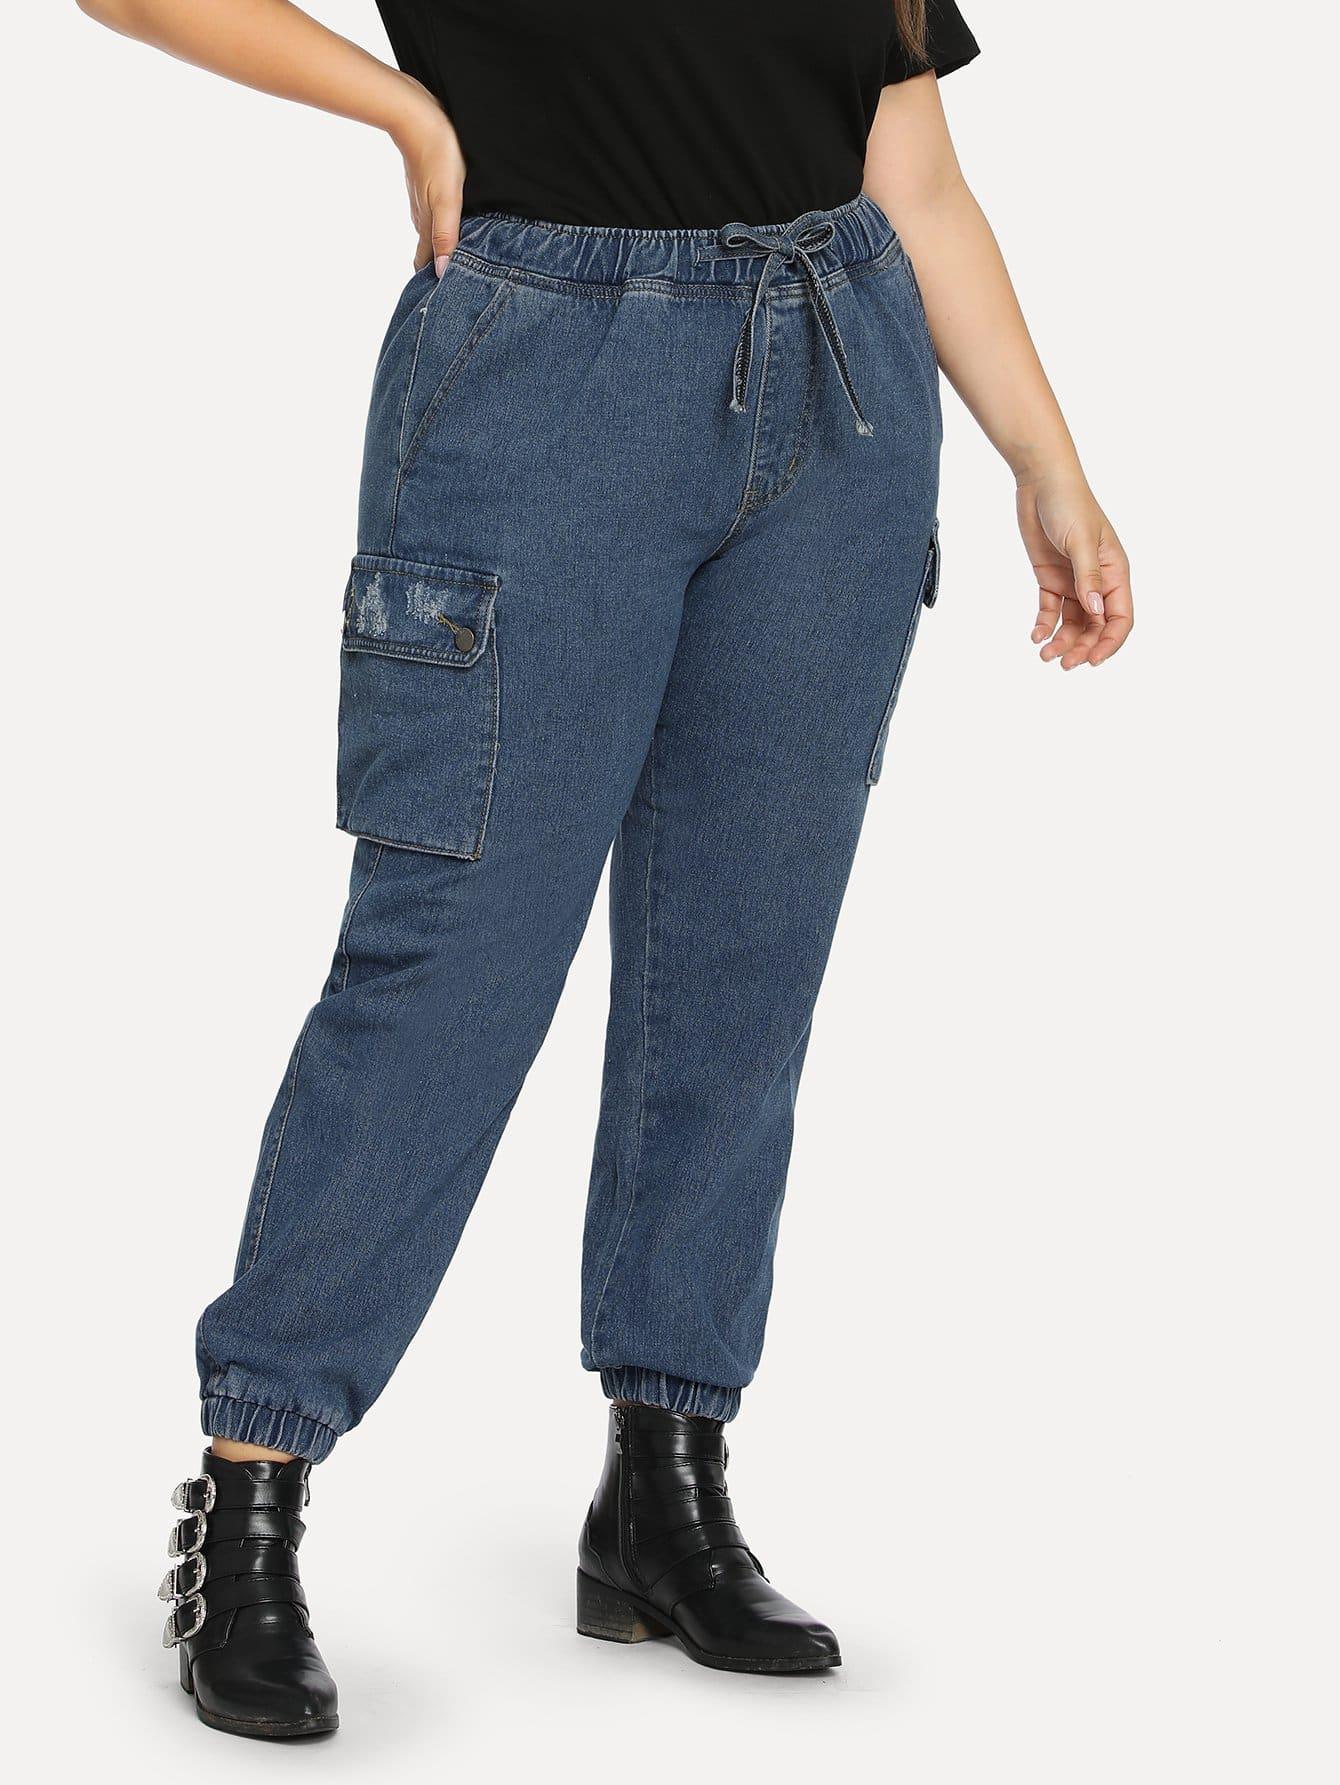 Купить Джинсы с карманом с эластичным низом размера плюс, Franziska, SheIn